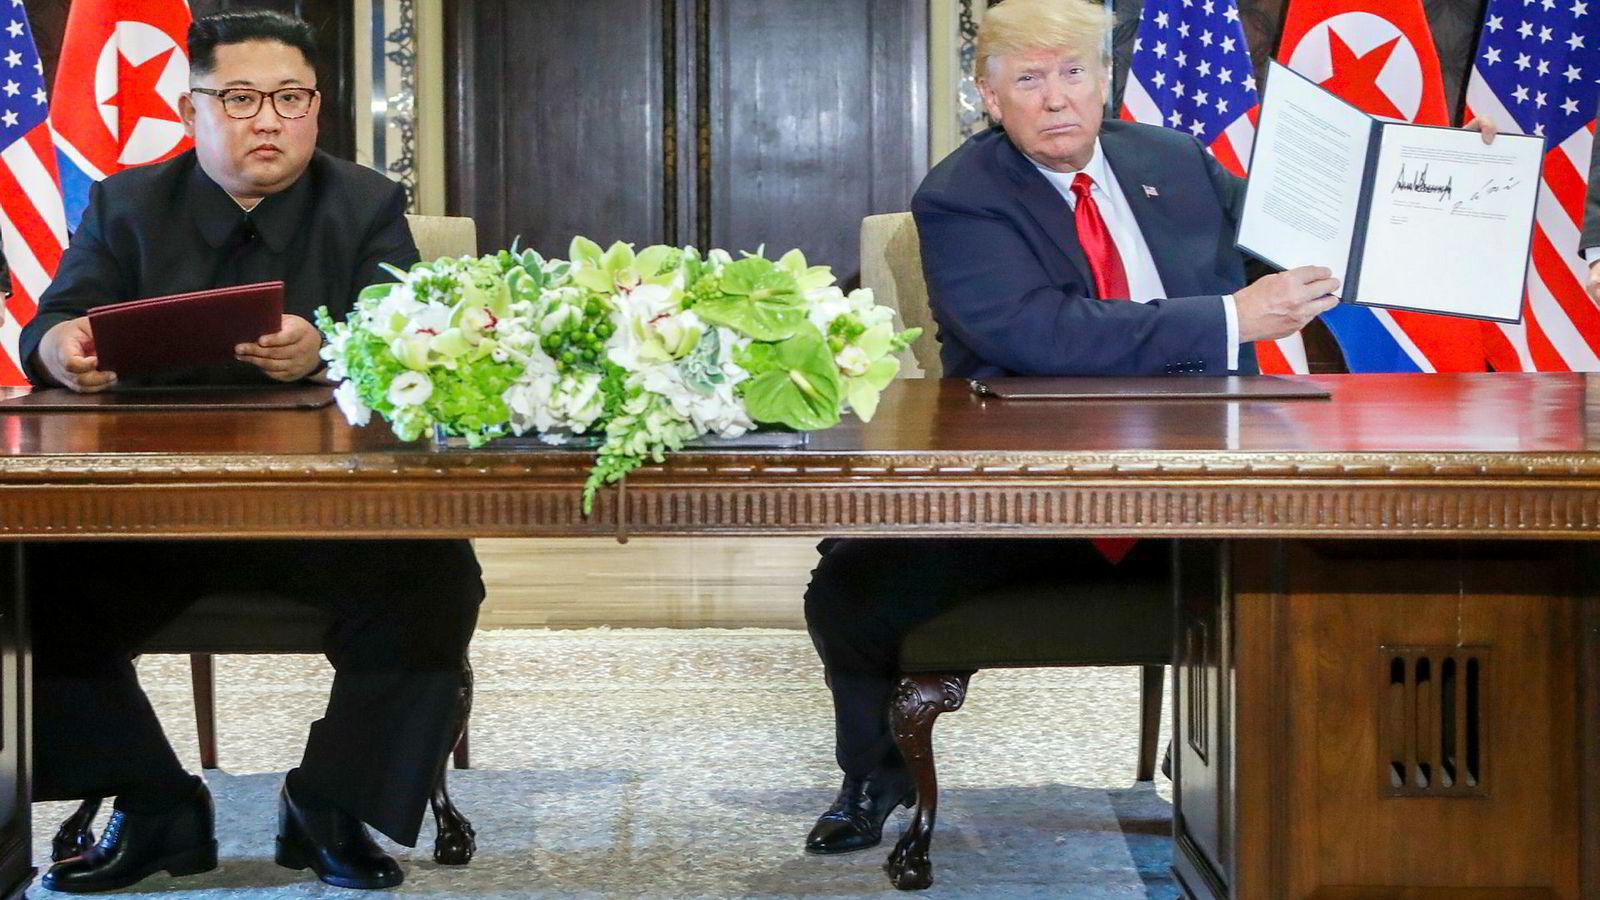 President Donald Trump (til høyre) møtte den nordkoreanske diktatoren Kim Jong-un for første gang i Singapore i juni 2018. Nå har de to lederne blitt enige om et nytt møte i Hanoi i slutten av februar.